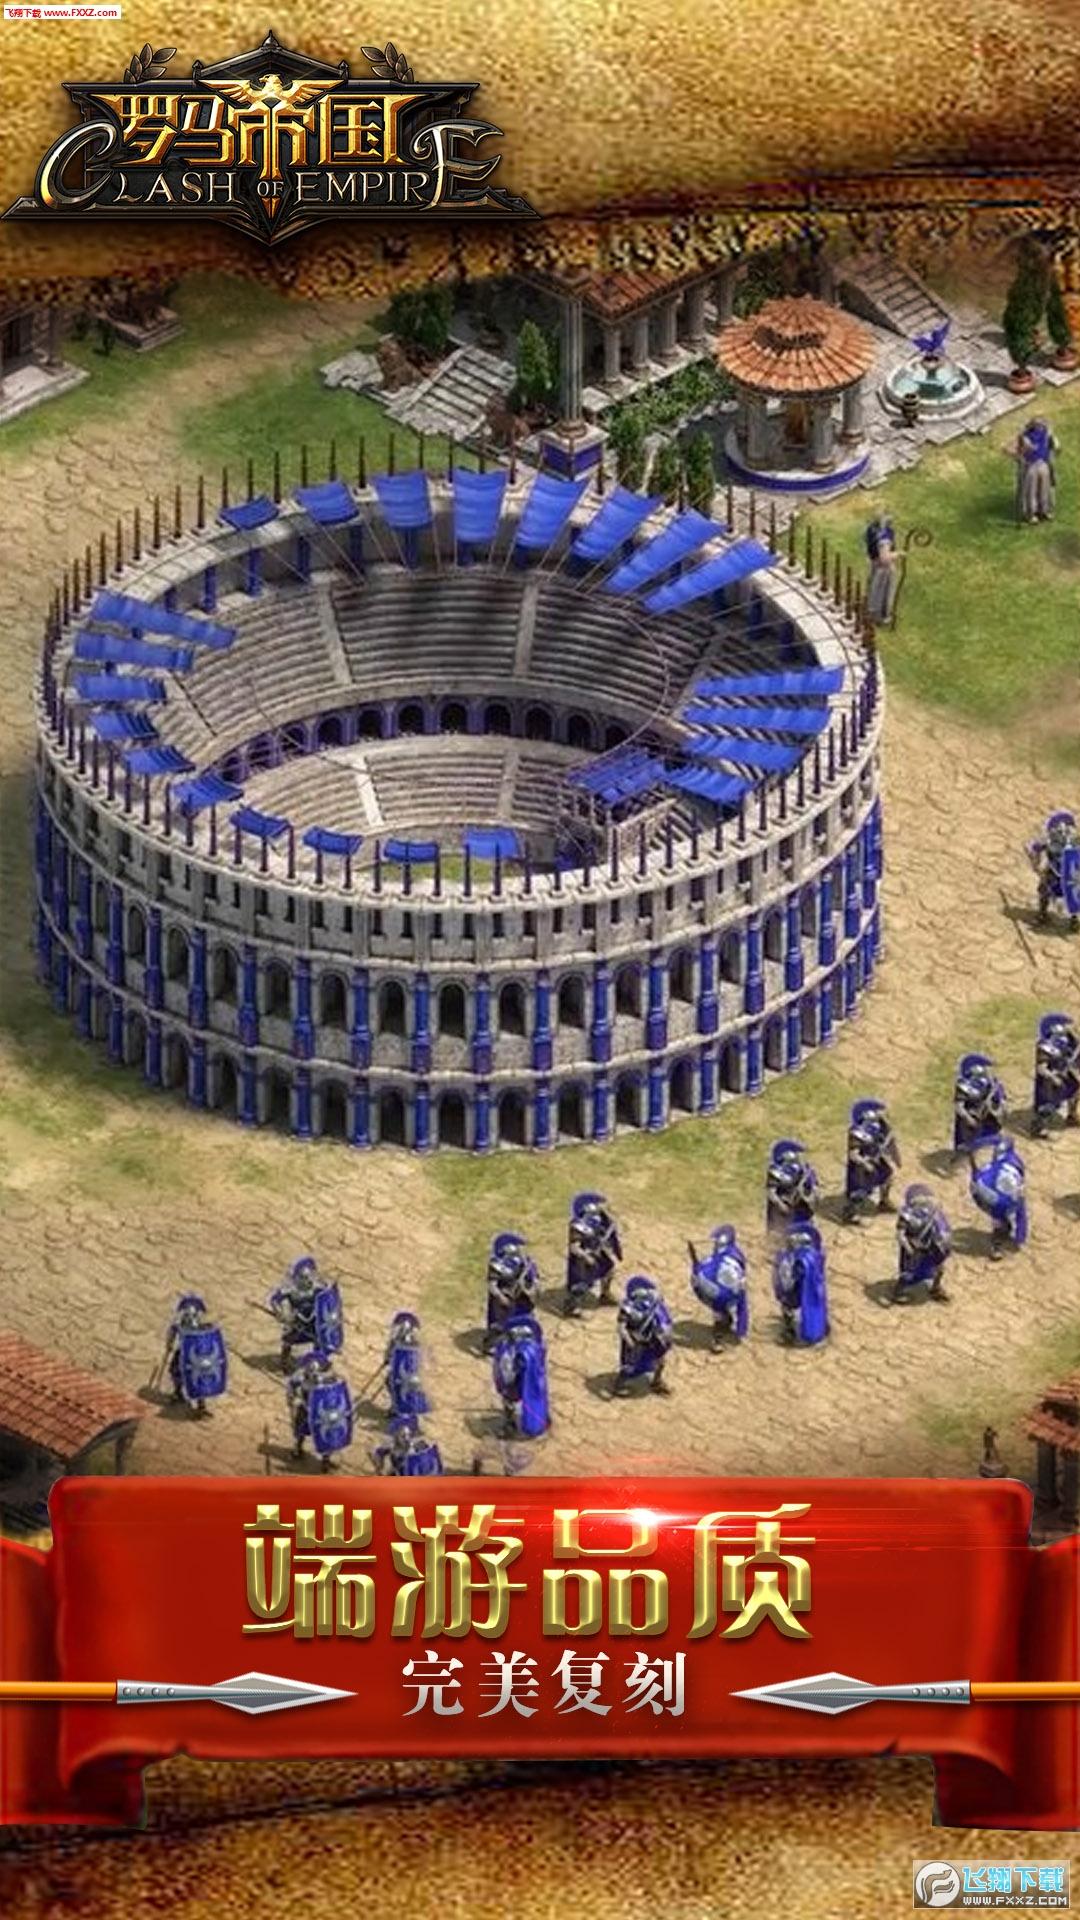 罗马帝国玩胜之战v1.10.1安卓版截图0